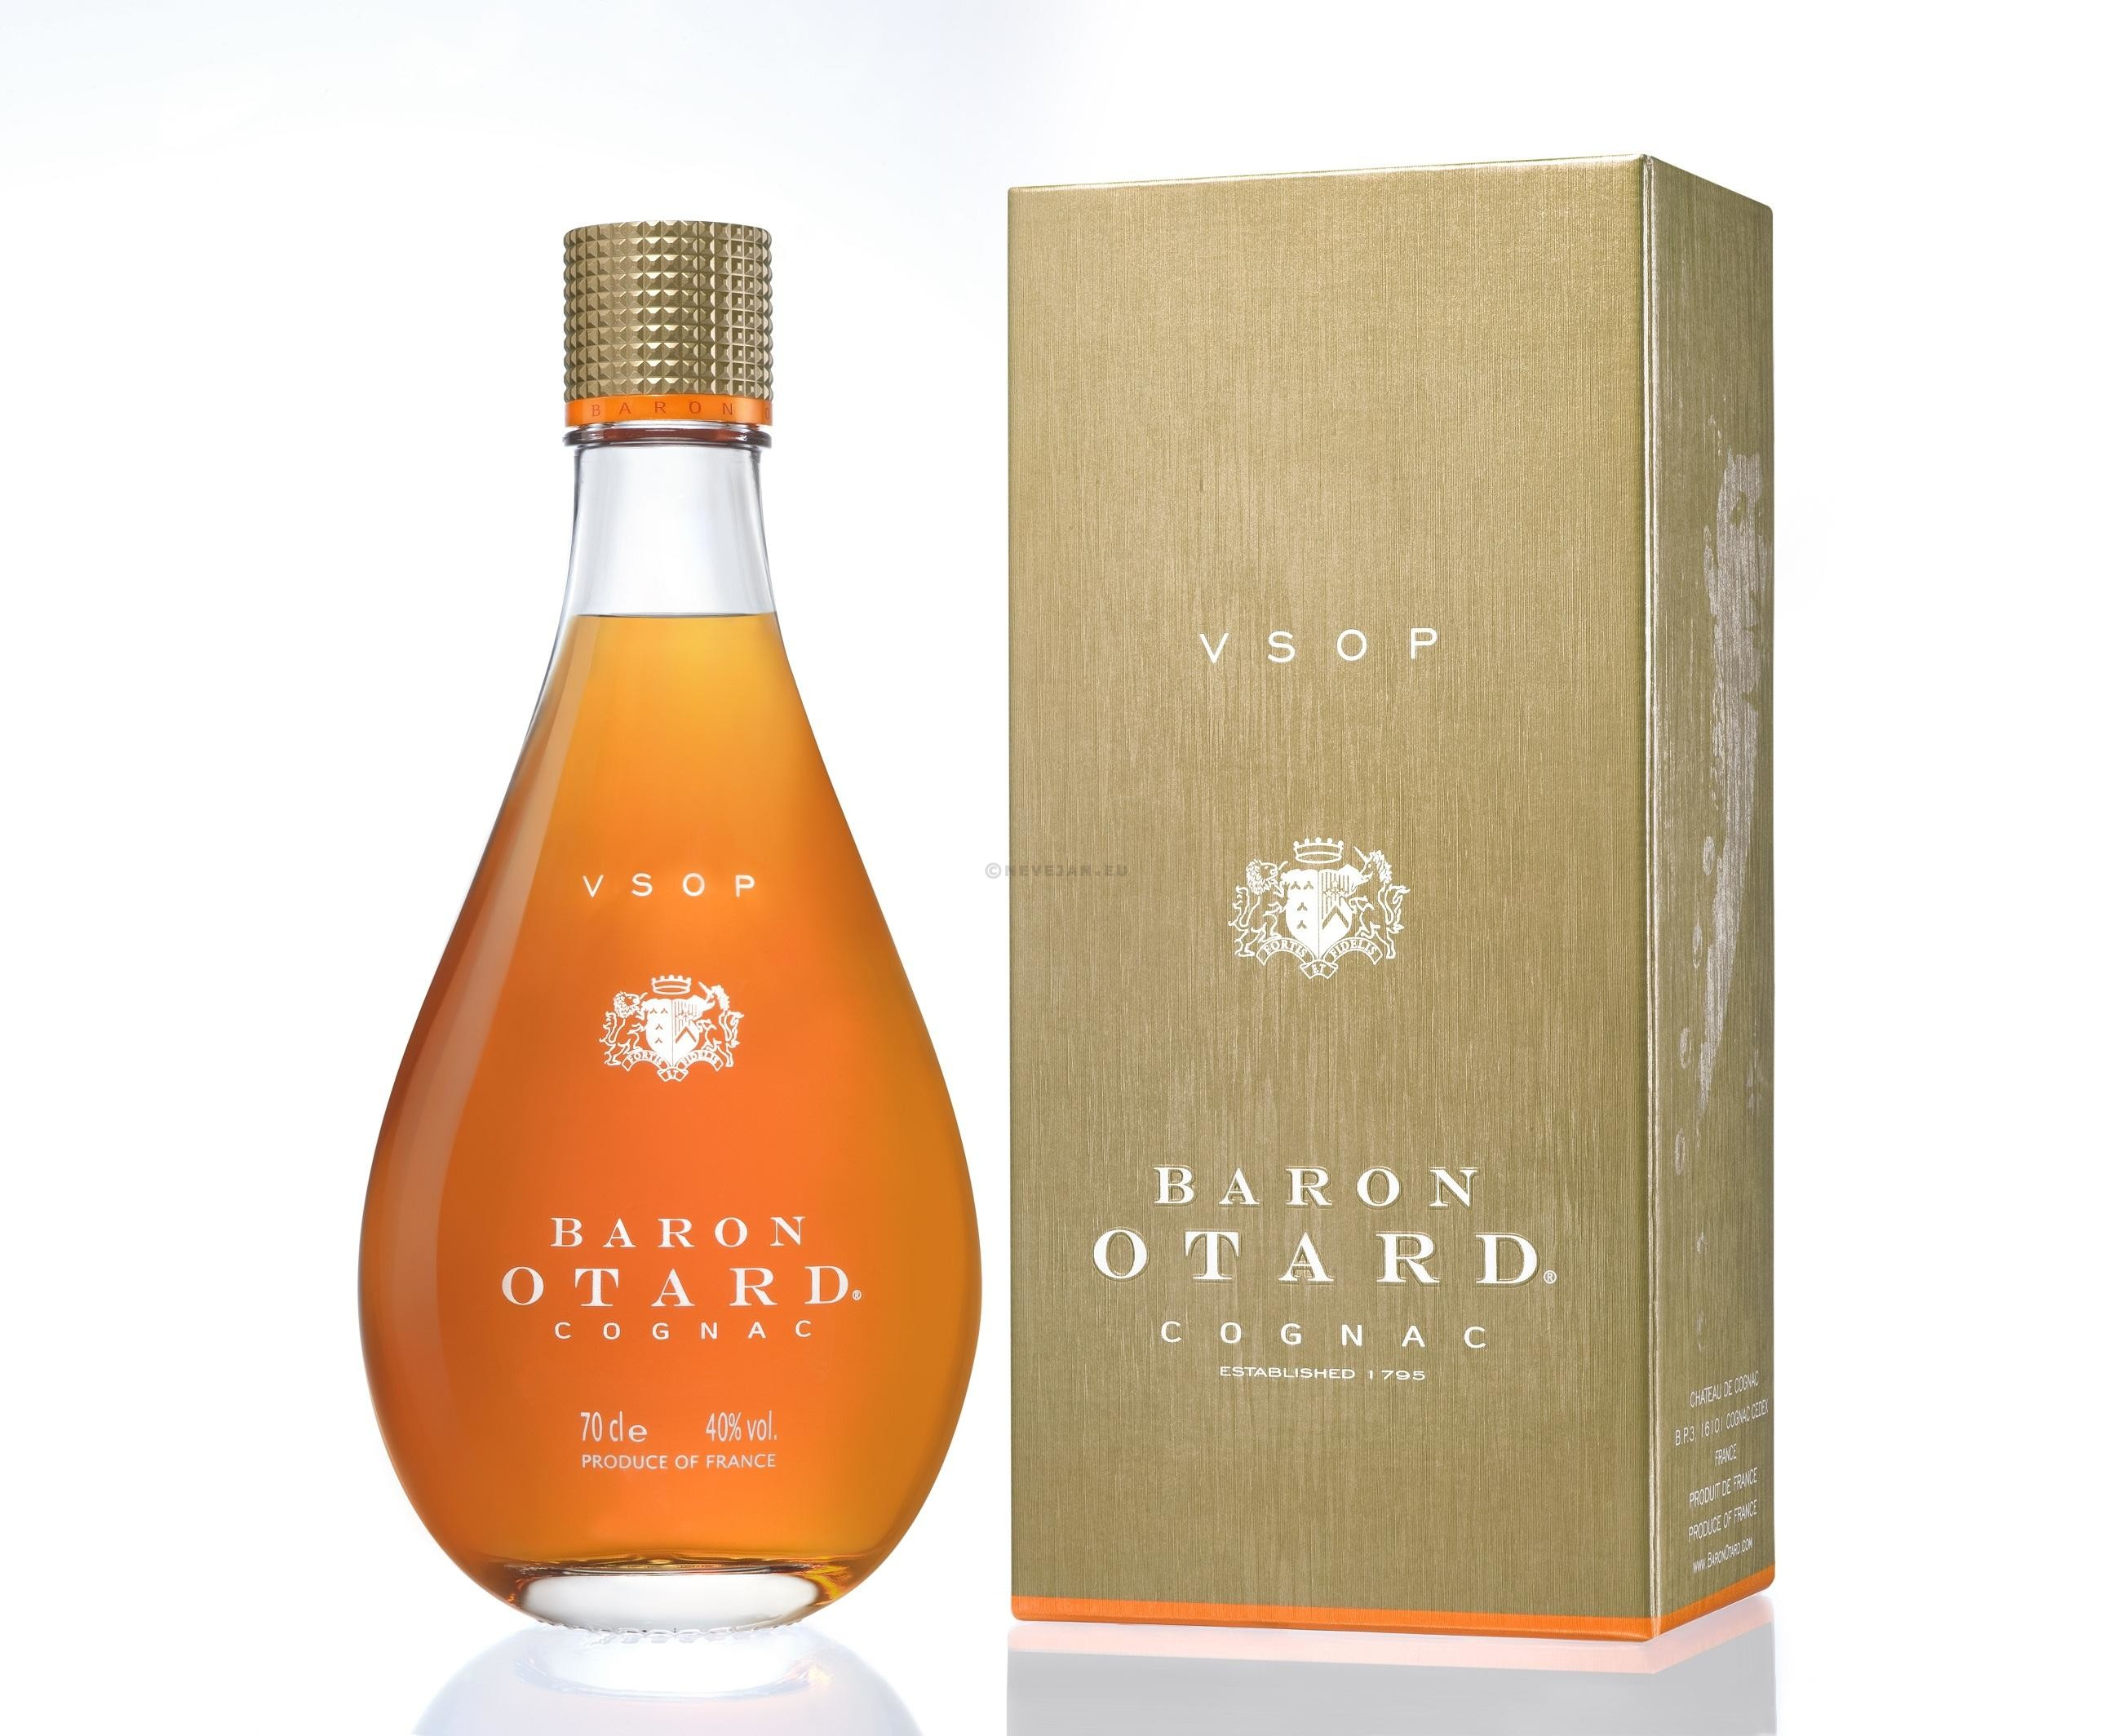 Cognac Otard V.S.O.P. 70cl 40%